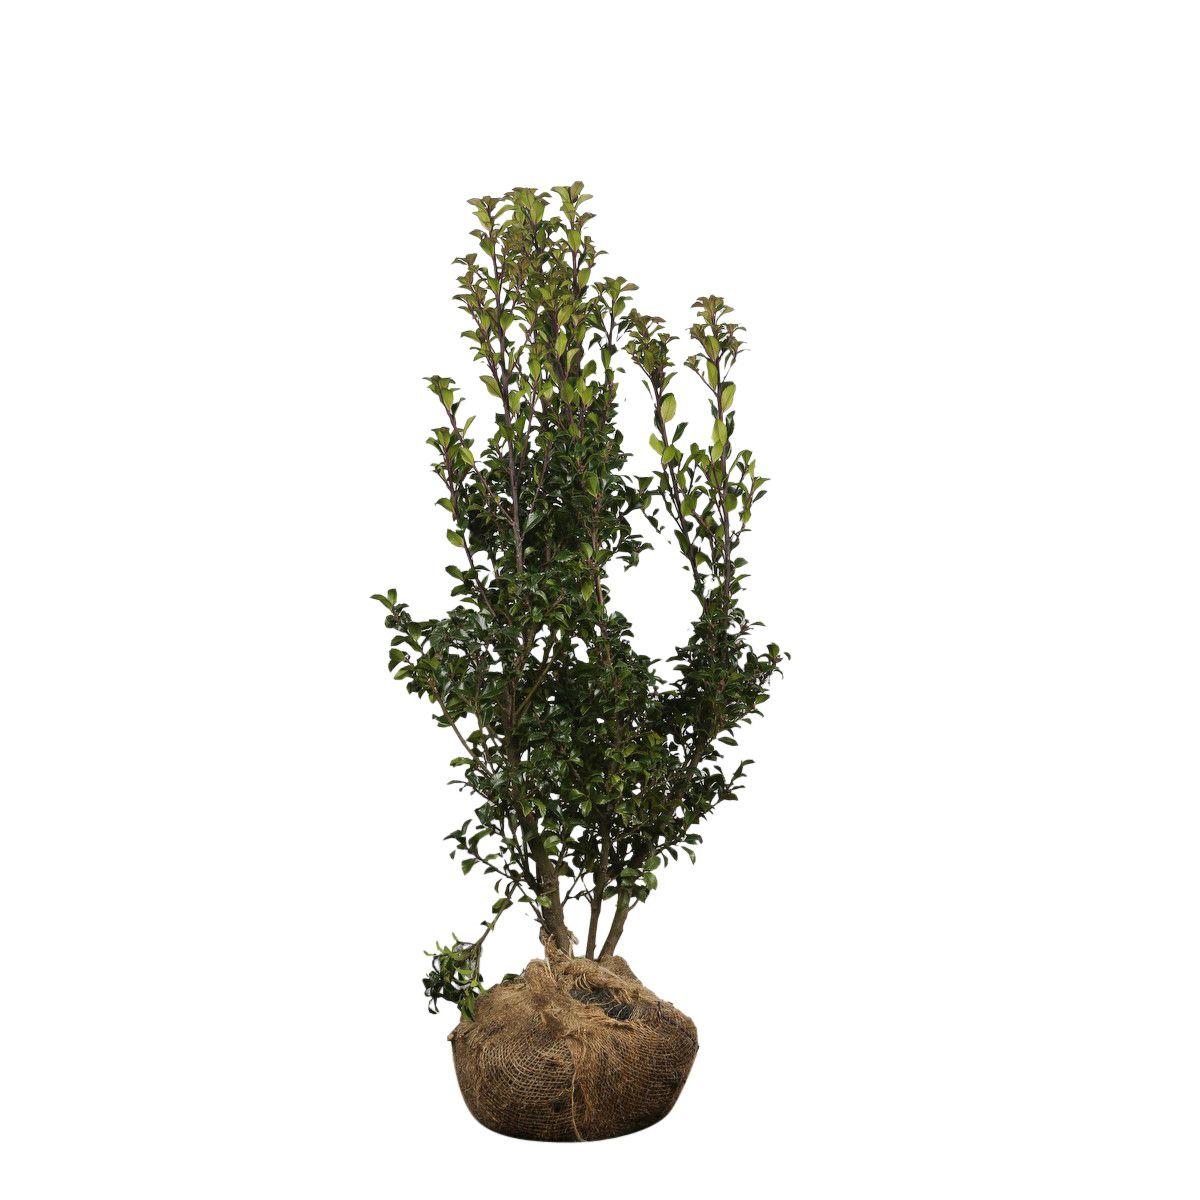 Stechpalme 'Heckenstar' Wurzelballen 80-100 cm